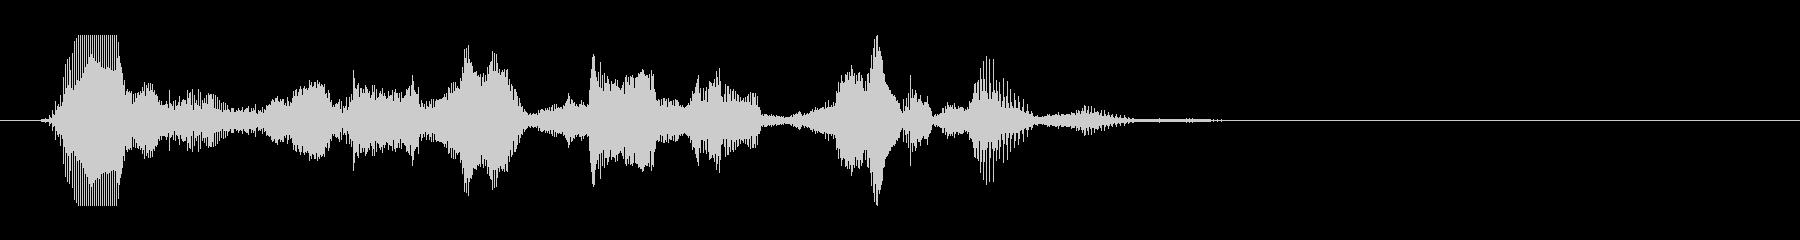 MERRY XMASS LIVEverの未再生の波形